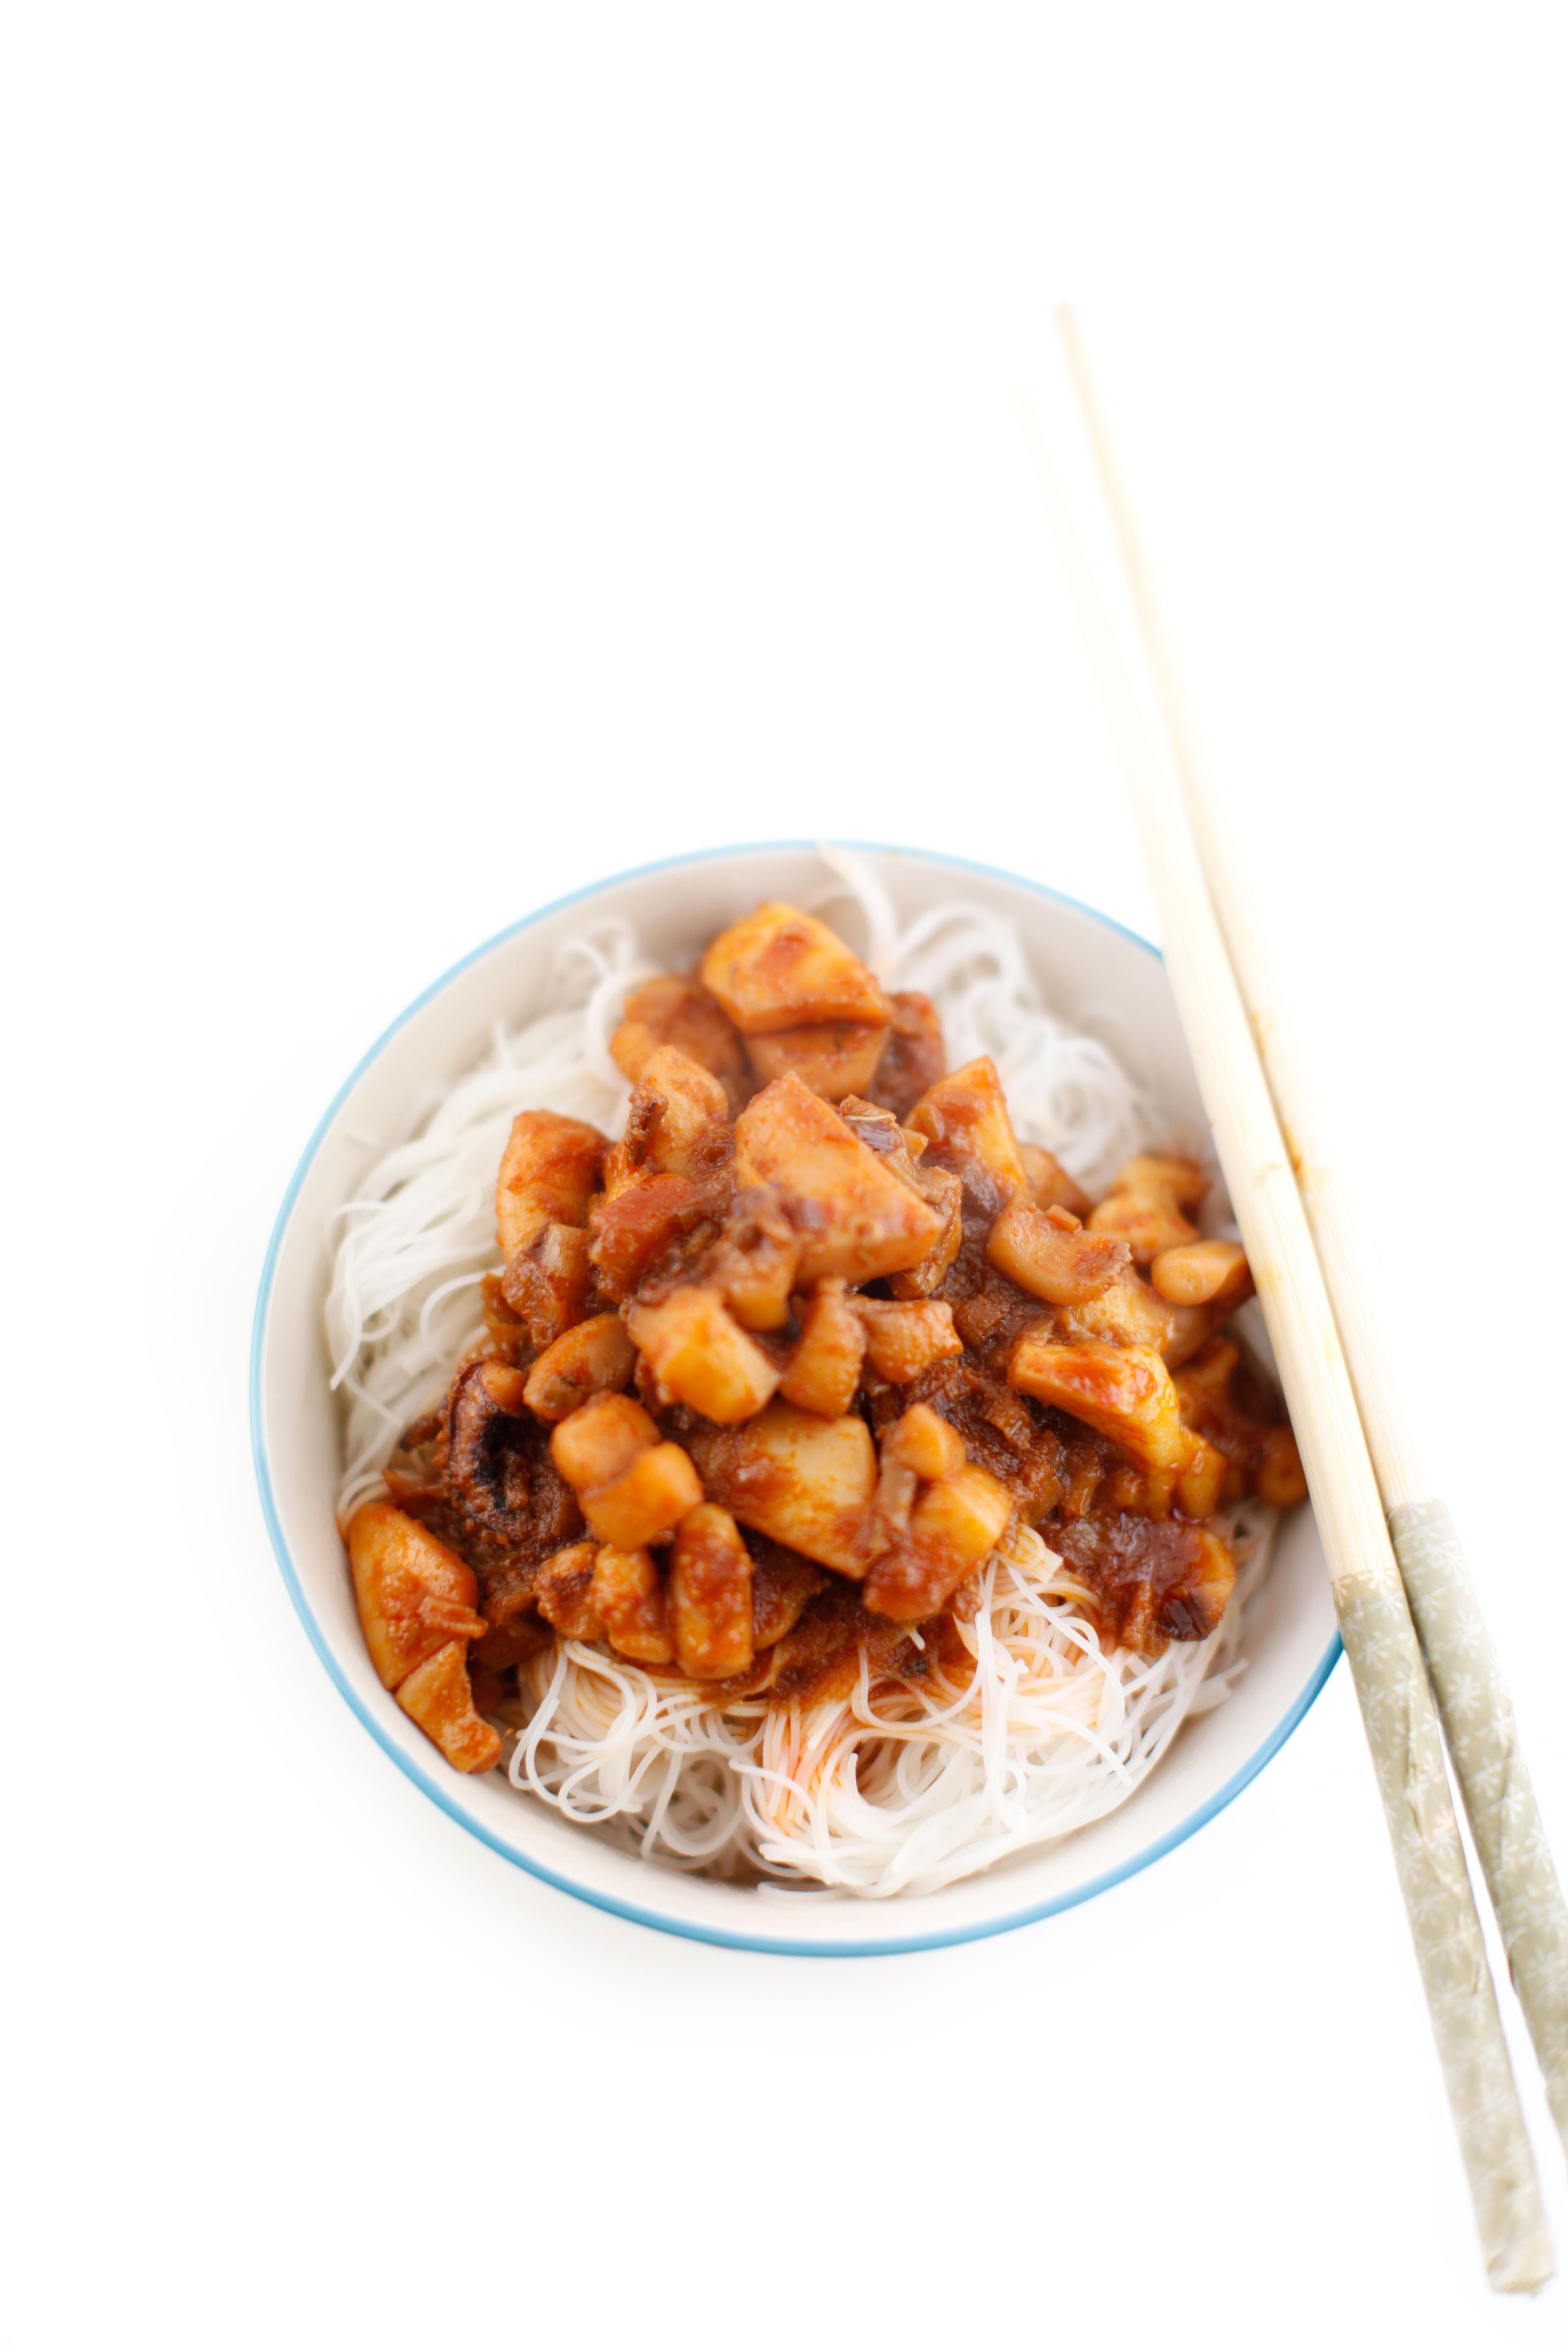 pici-e-castagne-vermicelli-di-riso-con-calamari-affumicati-piccanti-3